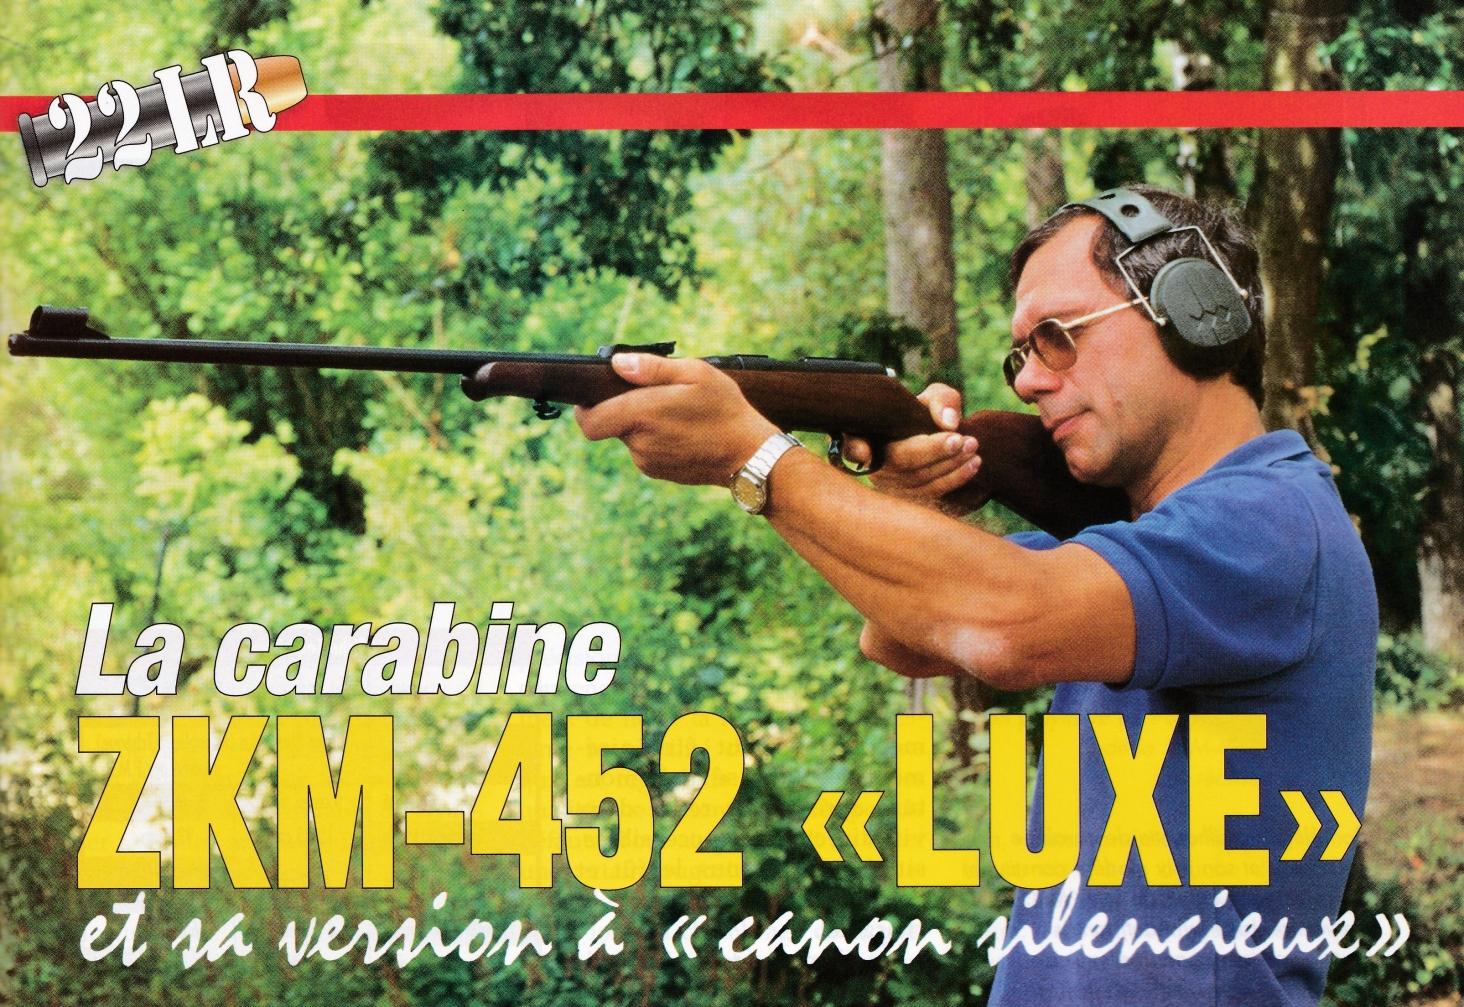 Légère et maniable, dotée d'éléments de visée mécaniques d'excellente qualité, la carabine ZKM-452 Luxe se révèle très agréable à utiliser.